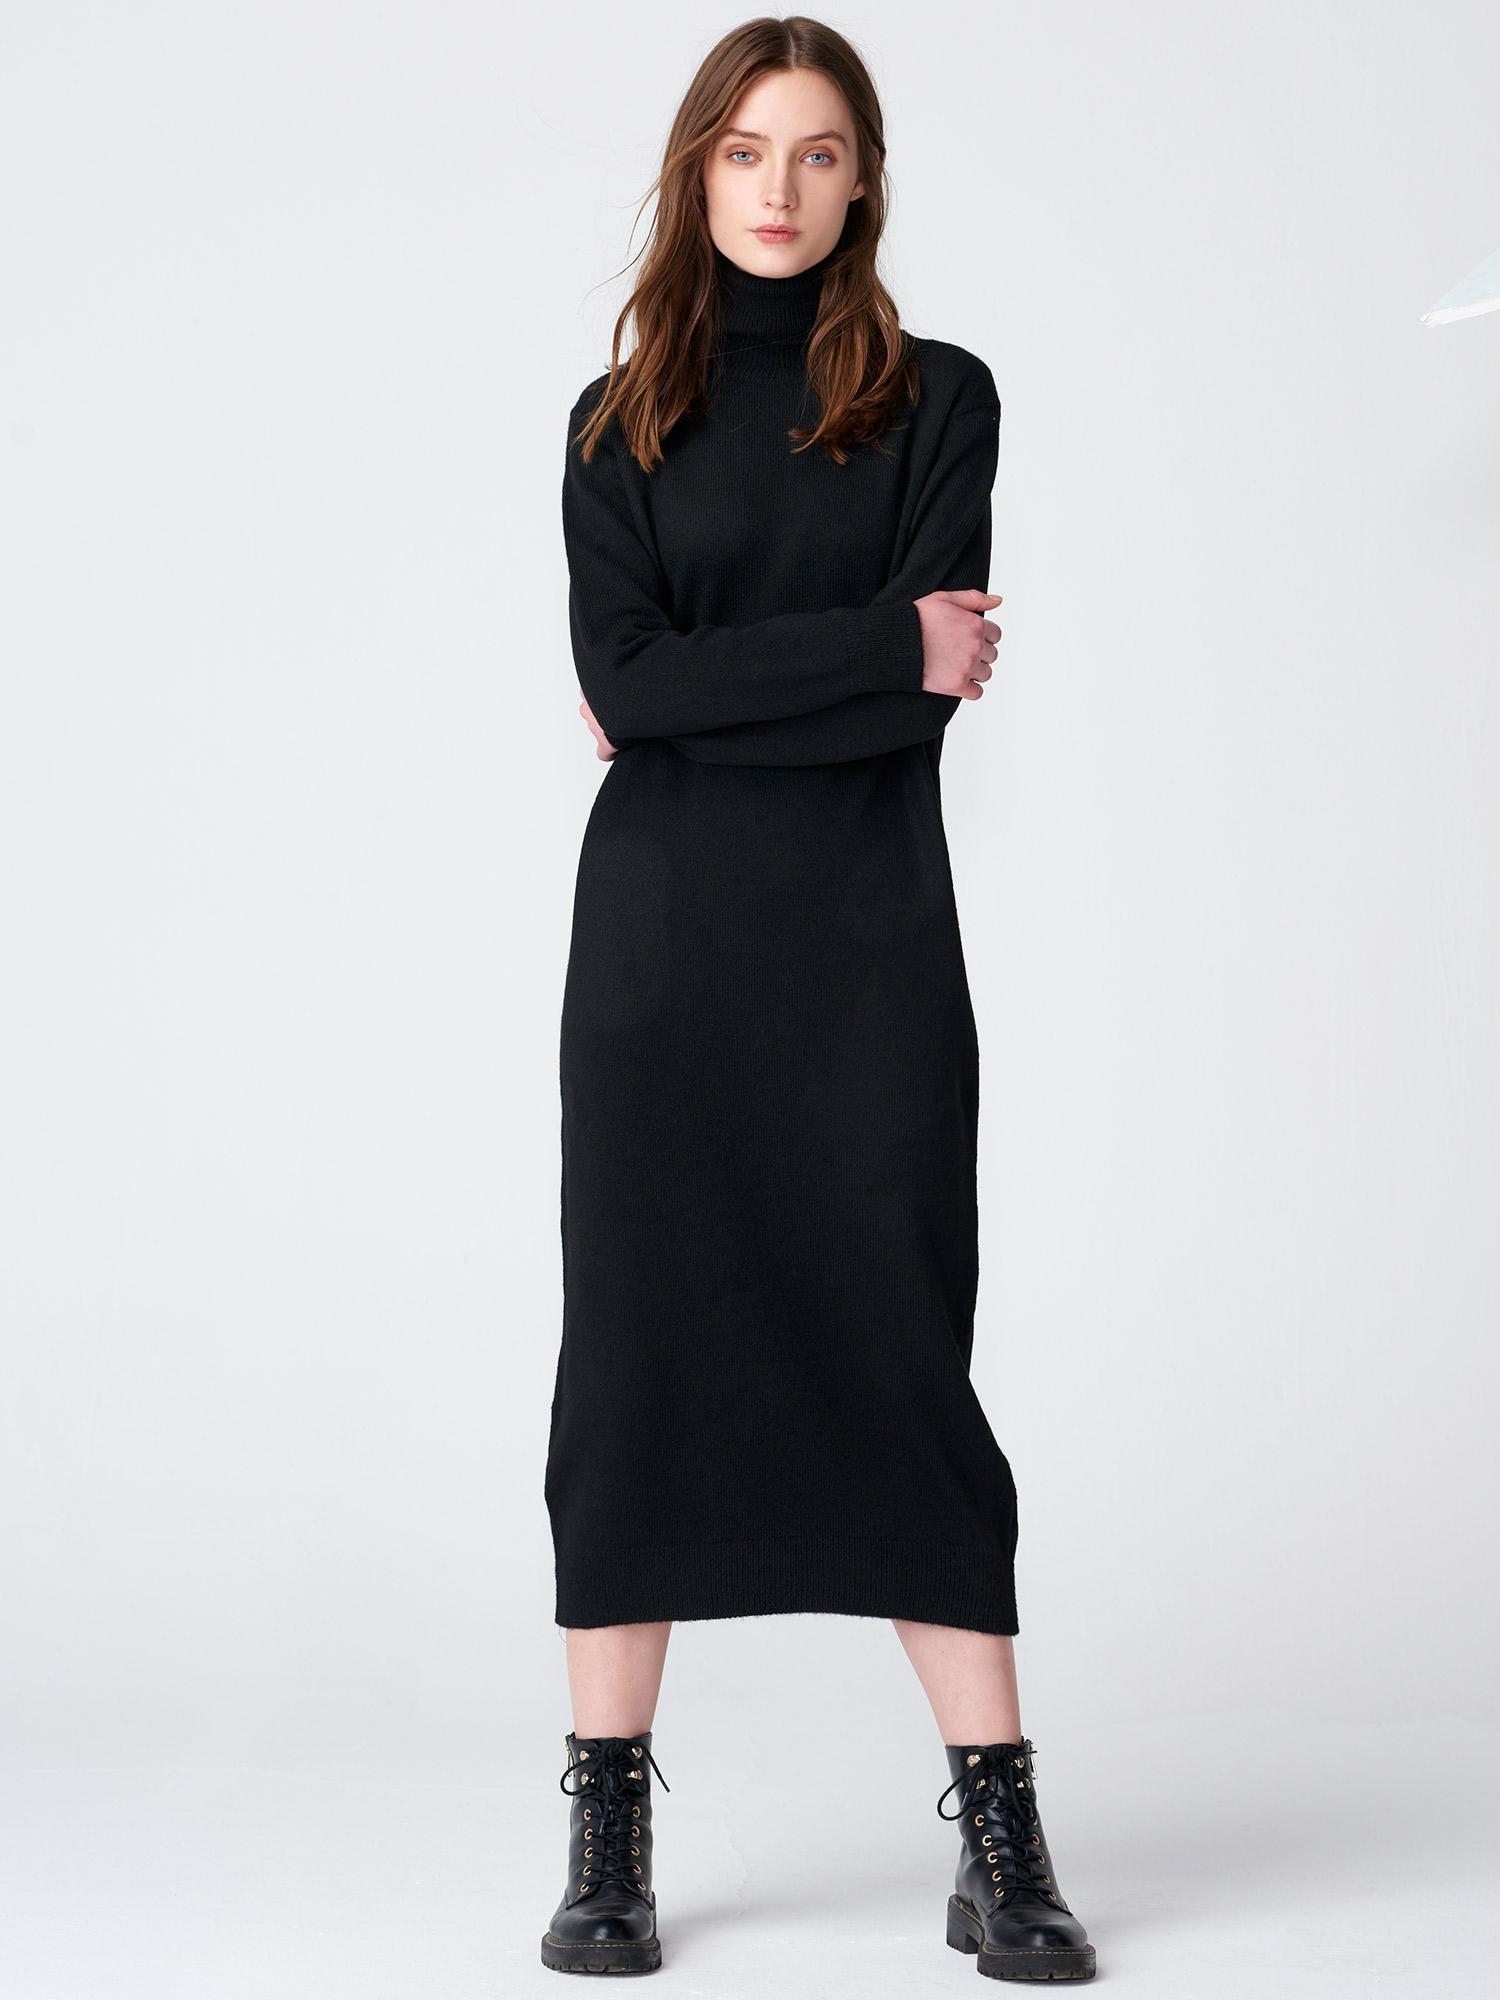 d4b7d6df4175d 2071 Balıkçı Yaka Uzun Triko Elbise-Siyah   ELBİSE   DILVIN